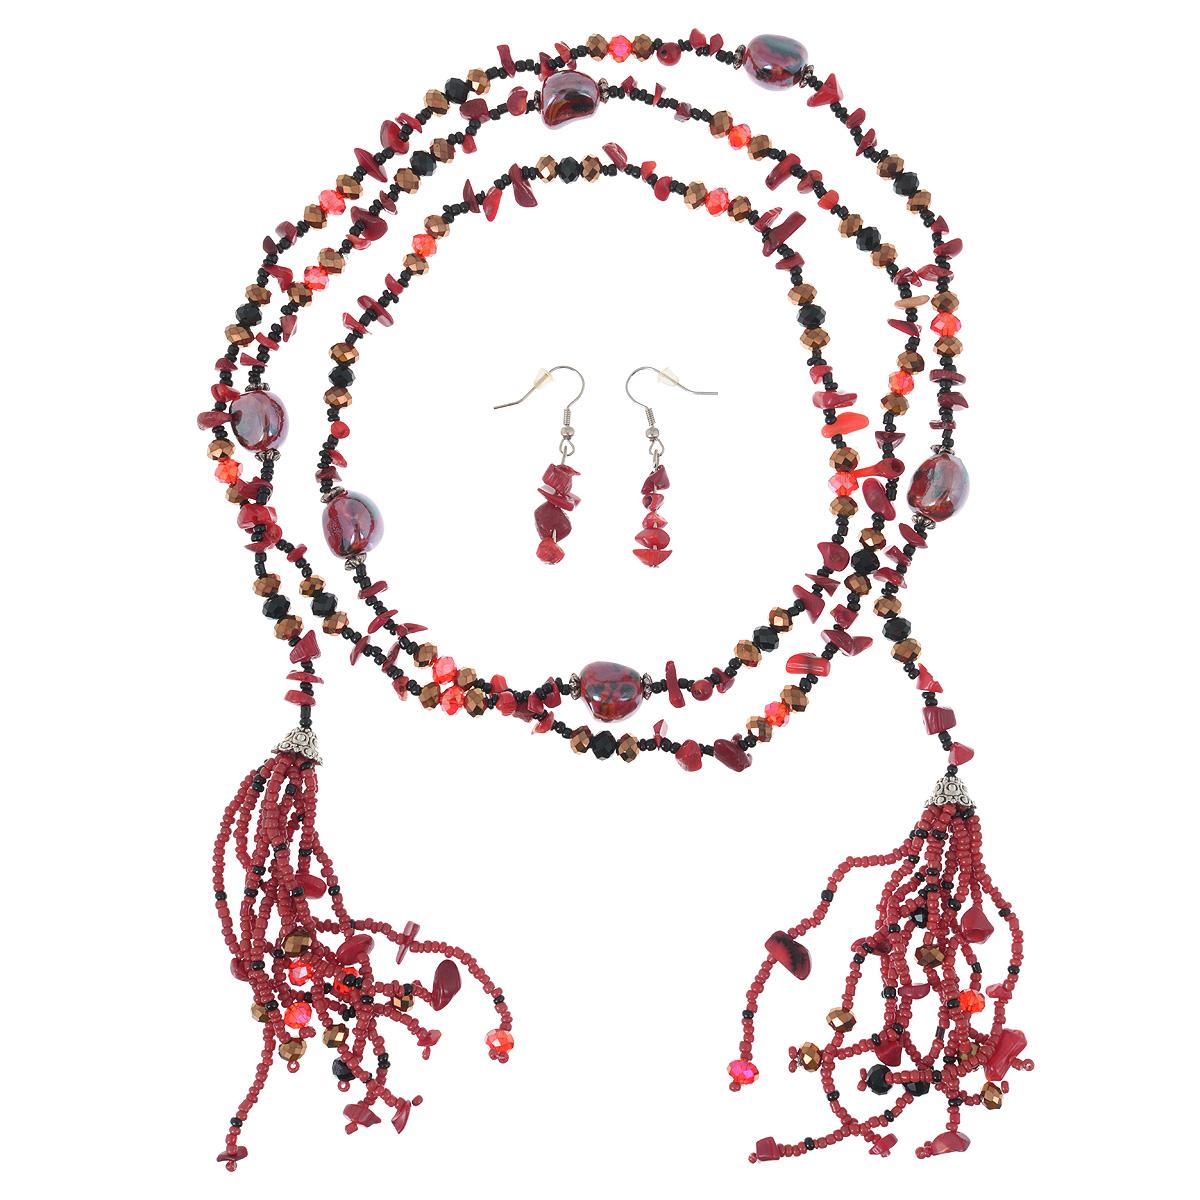 Колье Avgad, цвет: красный. H-477S840H-477S840Комплект украшений Avgad колье и серьги, выполнен в виде основы из ювелирной нити, на которую нанизаны бусины из чешского хрусталя, бисера, ювелирного сплава. Колье дополнено двумя кистями из бисера и бусин. Колье застегивается при помощи узла. Серьги выполнены в едином стиле с колье и оснащены замком-петля. Такой комплект украшений позволит вам с легкостью воплотить самую смелую фантазию и создать собственный, неповторимый образ.